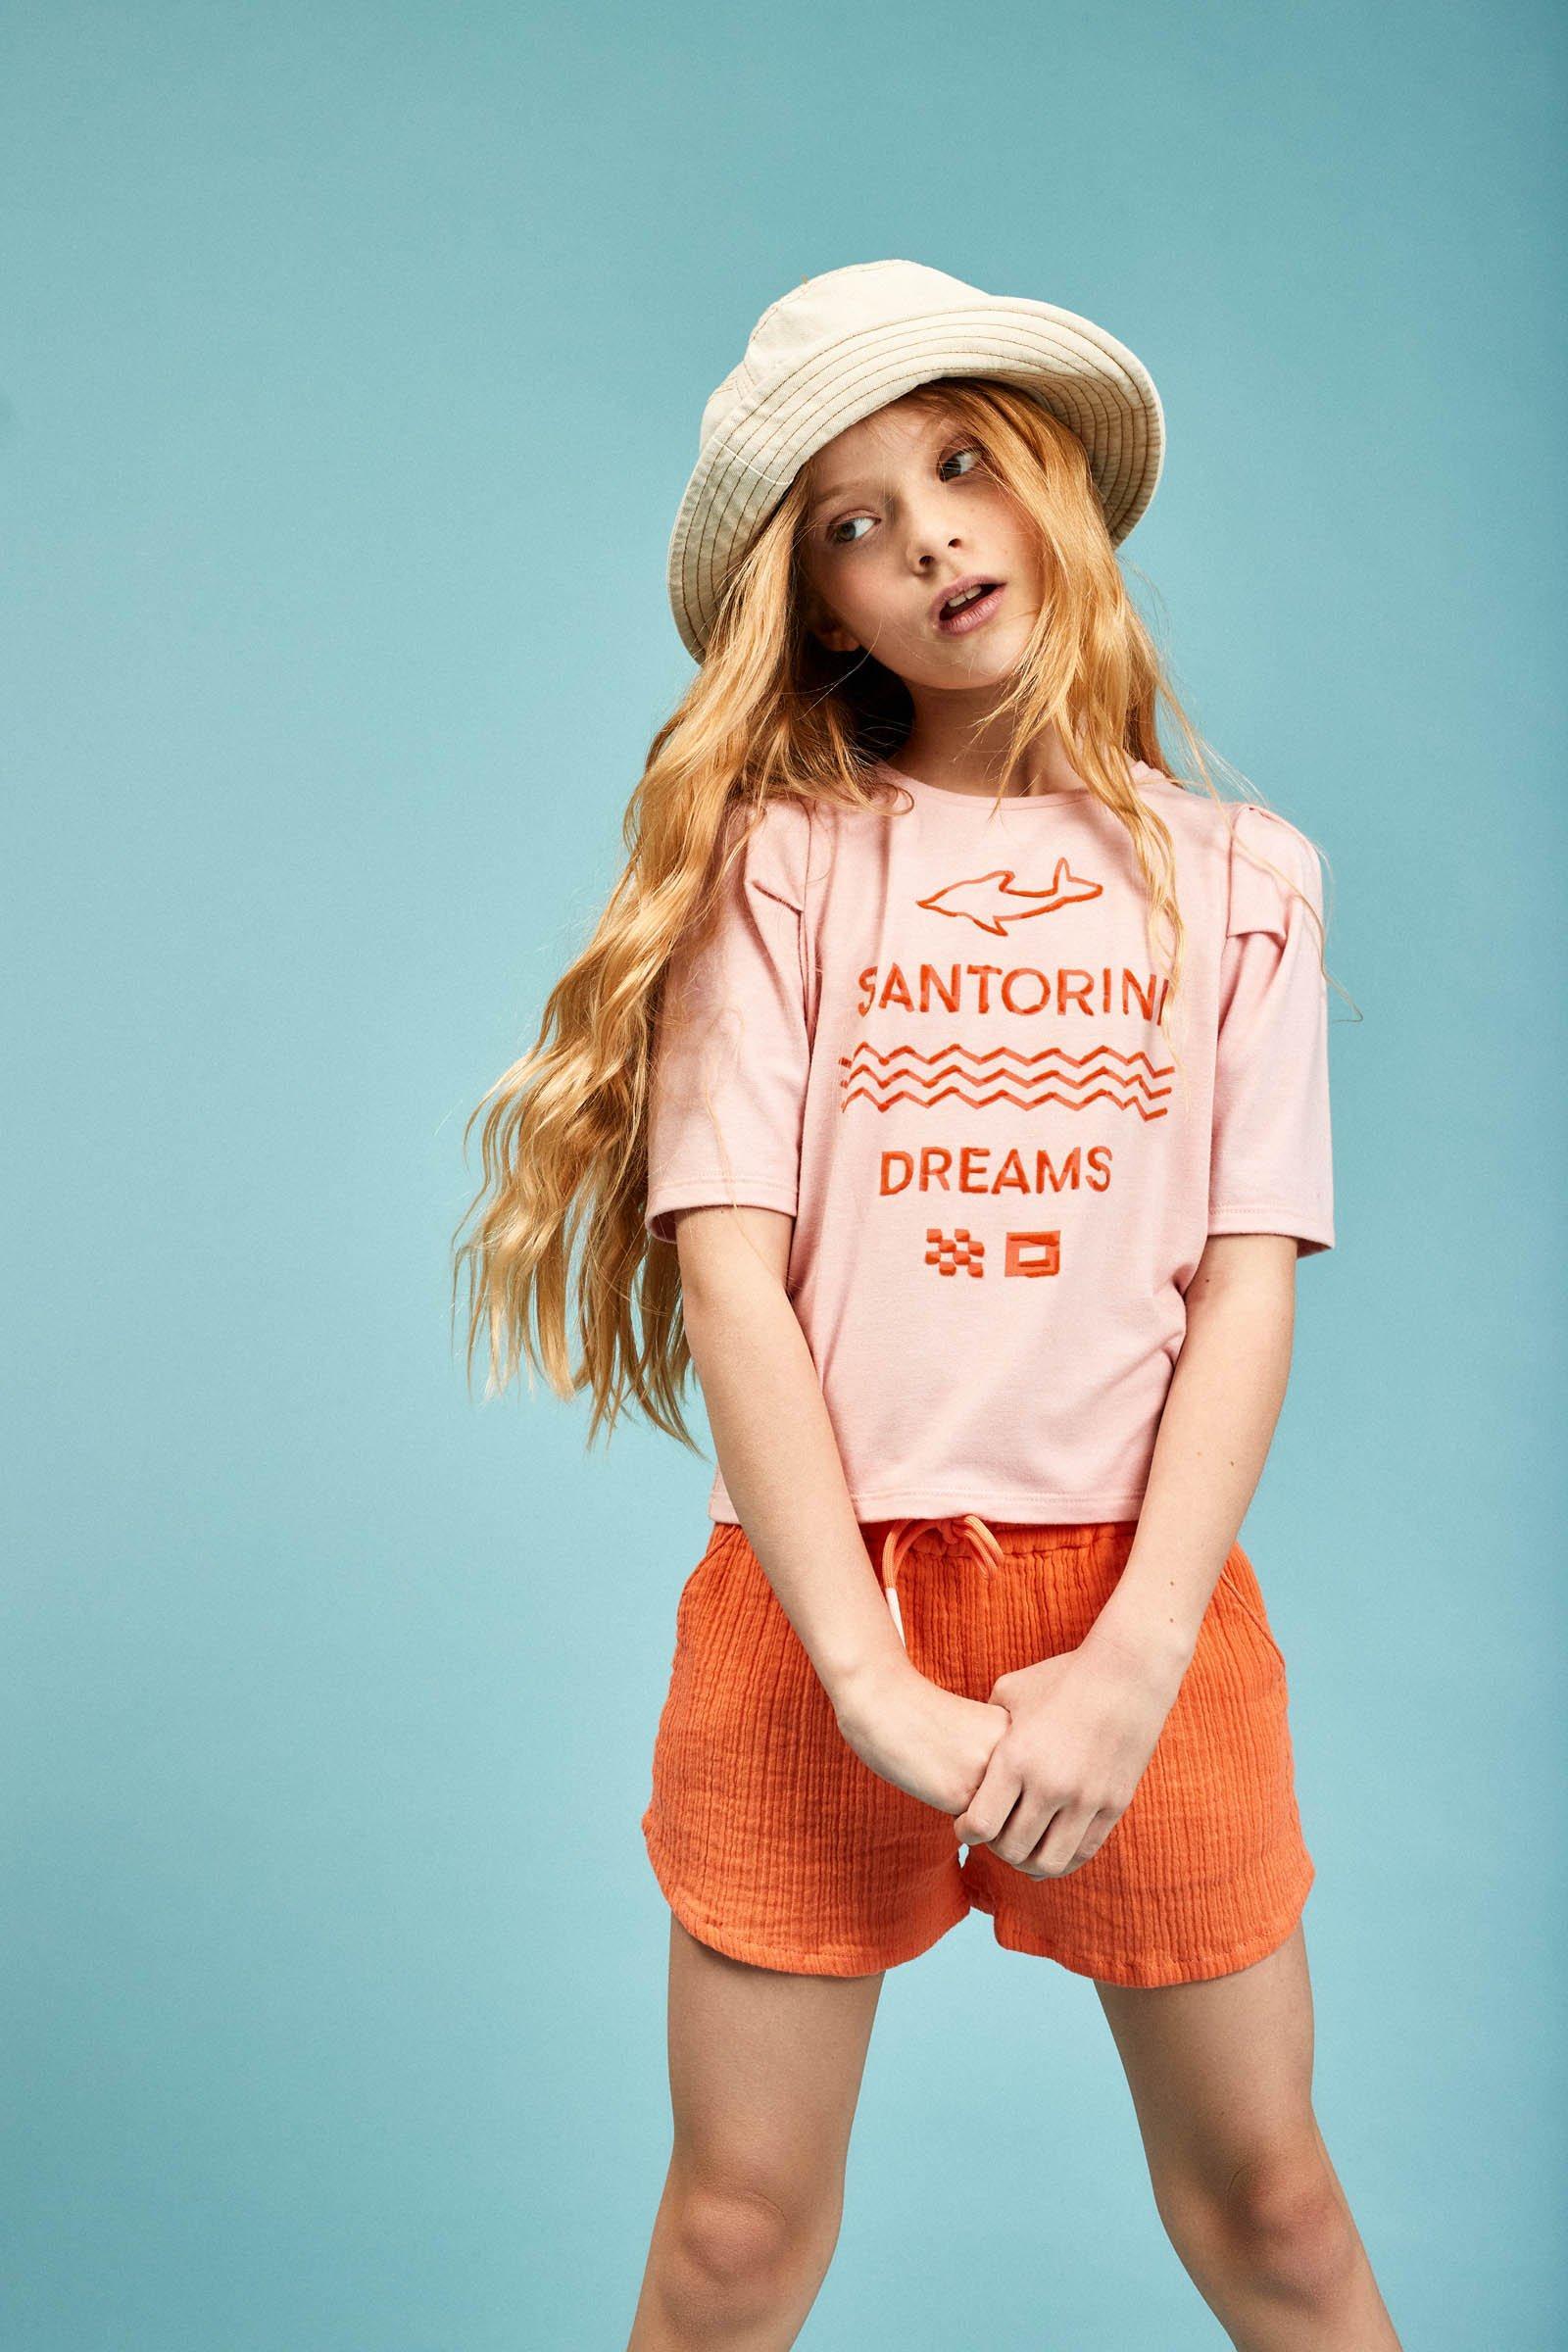 CKS Kids - ELLA - t-shirt korte mouwen - roze